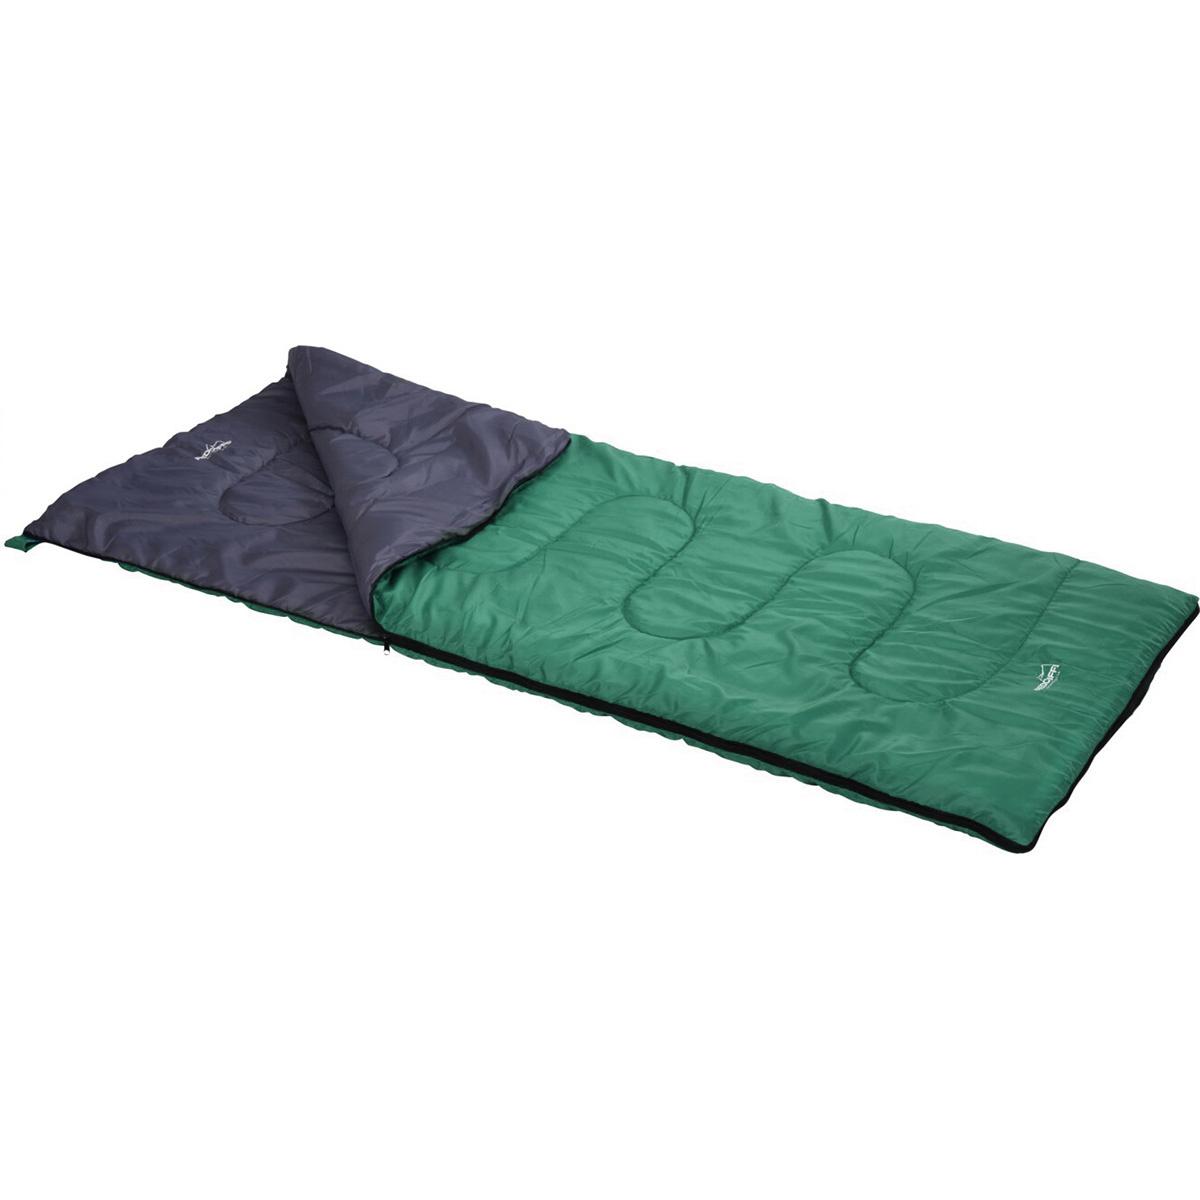 Redclifs Sac de dormit 180 x 74 cm, verde imagine 2021 e4home.ro